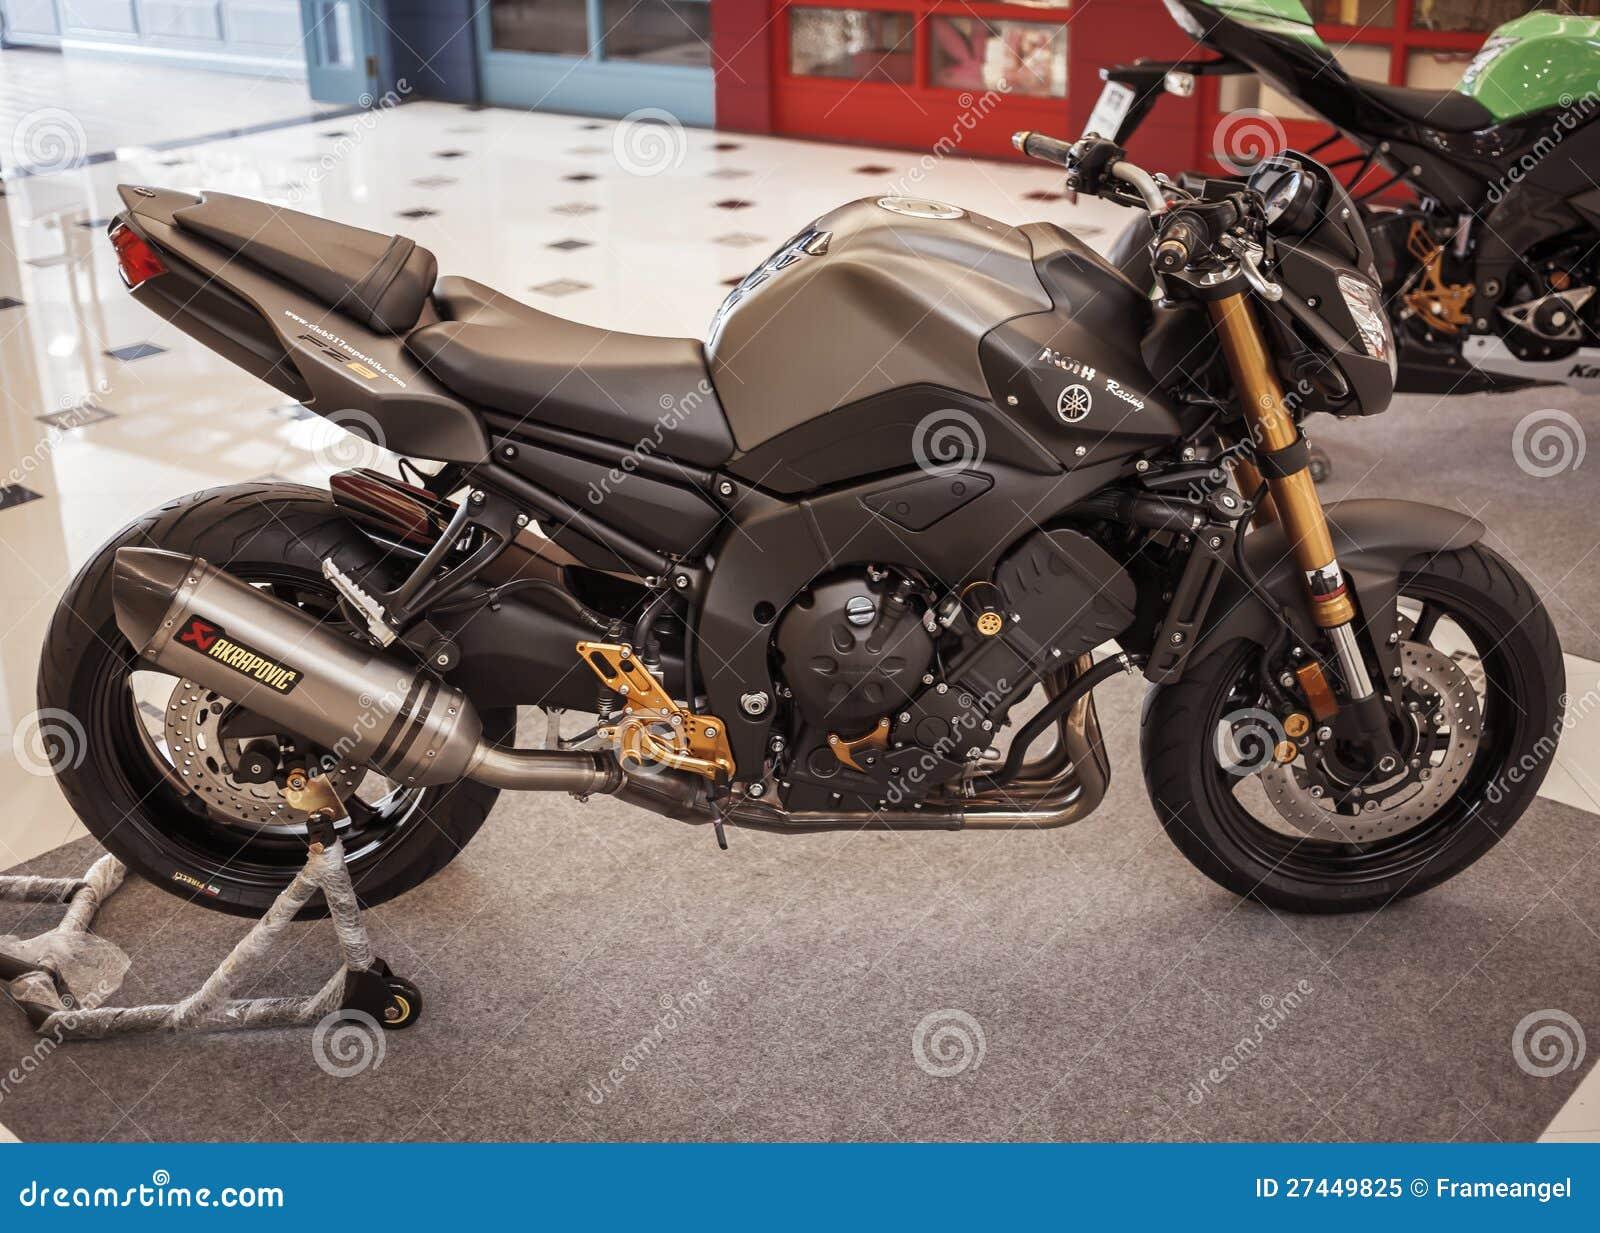 Yamaha fz8 on display editorial image image 27449825 for Yamaha motor credit card